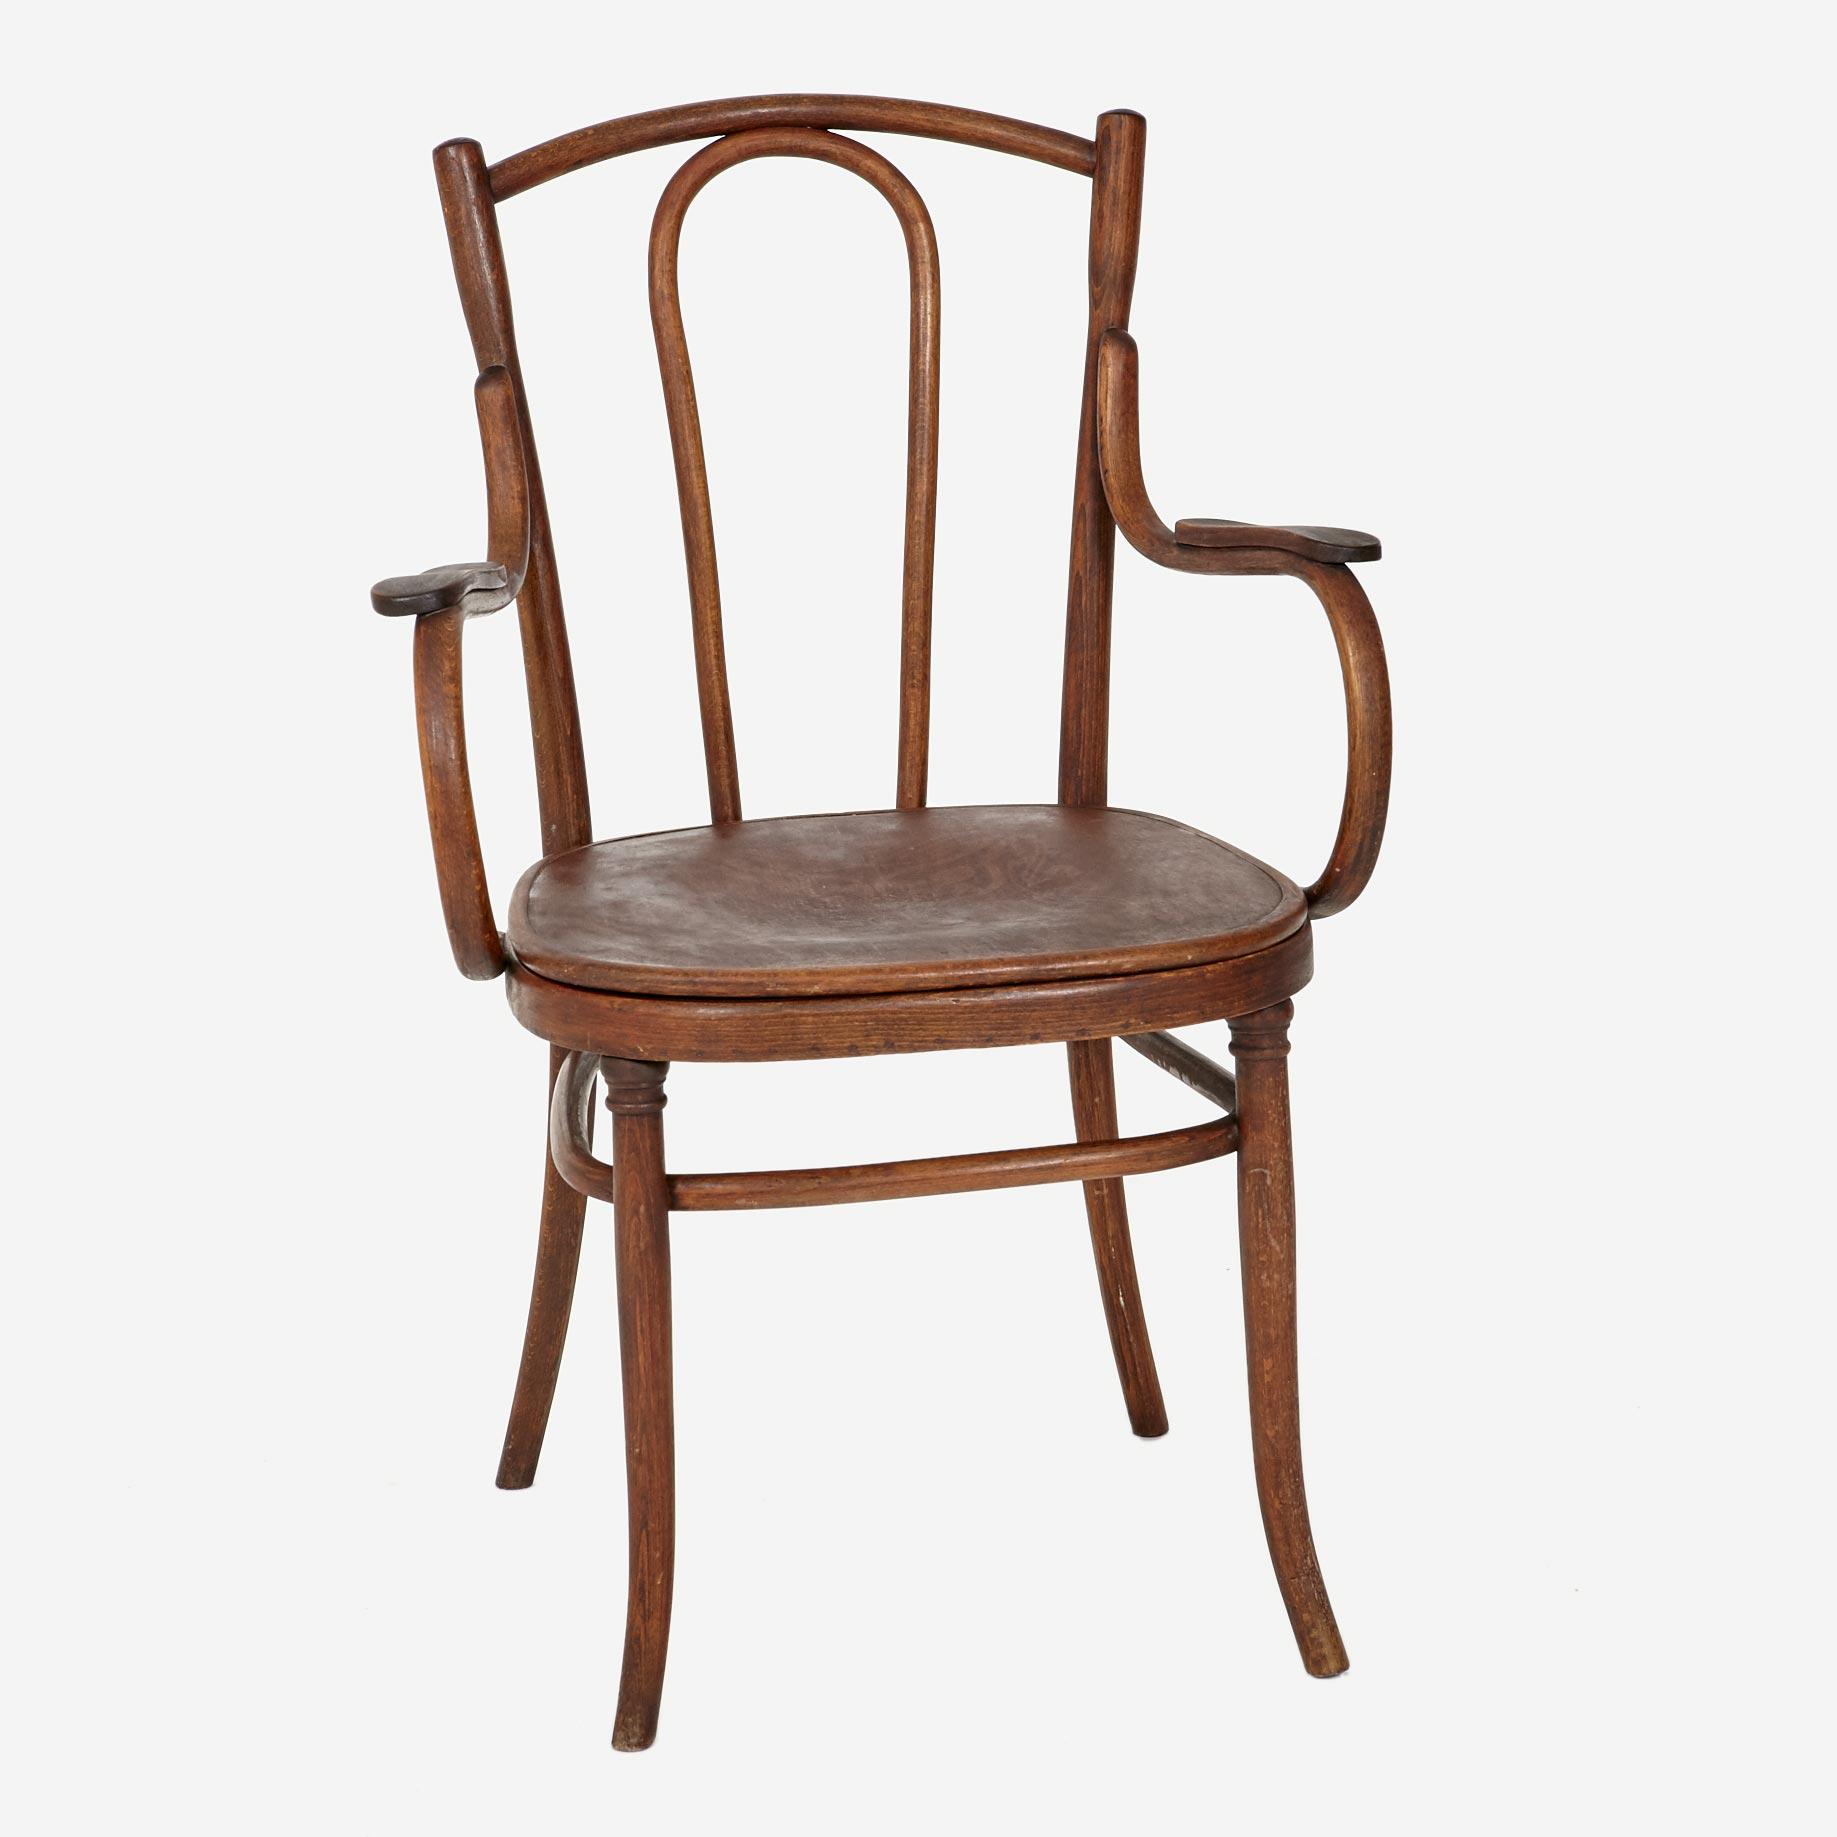 bugholzstuhl mit armlehne m bel z rich vintagem bel. Black Bedroom Furniture Sets. Home Design Ideas